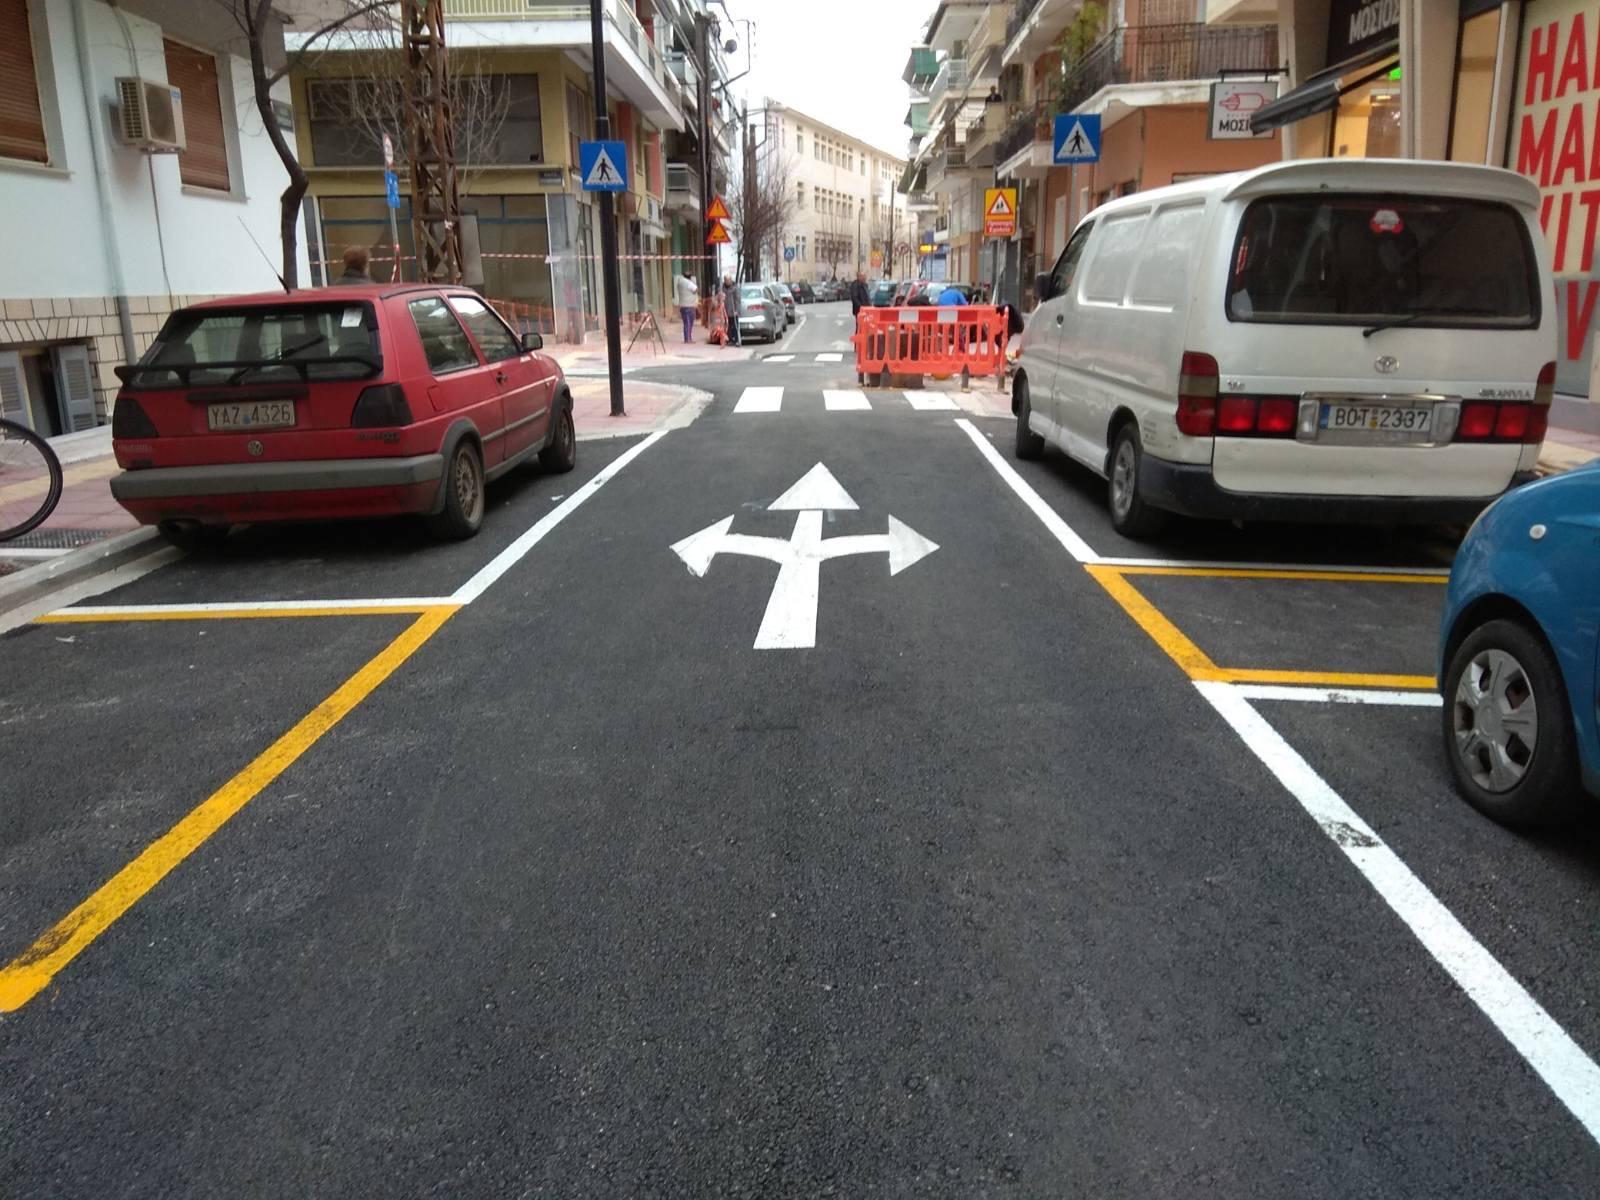 Ολοκληρώθηκε η νέα οδός Χρυσοχόου - Συνεχίζονται τα έργα του Δήμου Λαρισαίων στον Άγιο Κωνσταντίνο